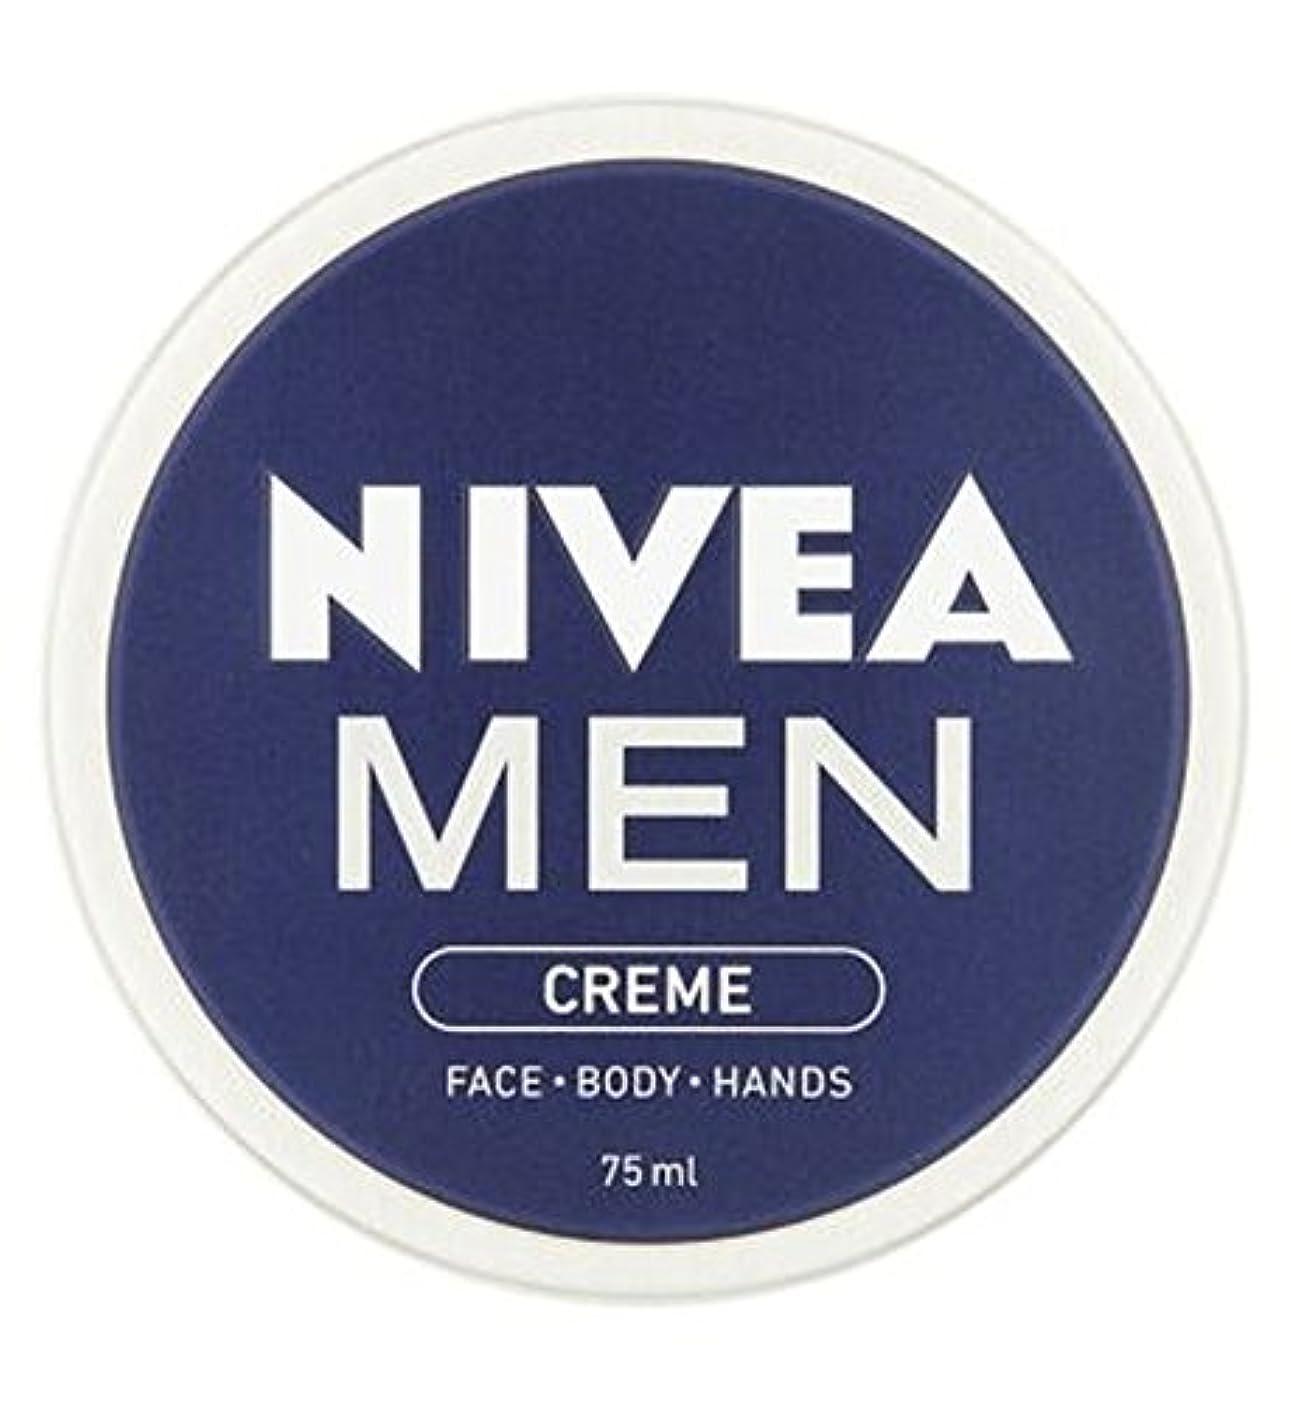 七時半銛ダイジェストニベアの男性は75ミリリットルをクリーム (Nivea) (x2) - NIVEA MEN Creme 75ml (Pack of 2) [並行輸入品]